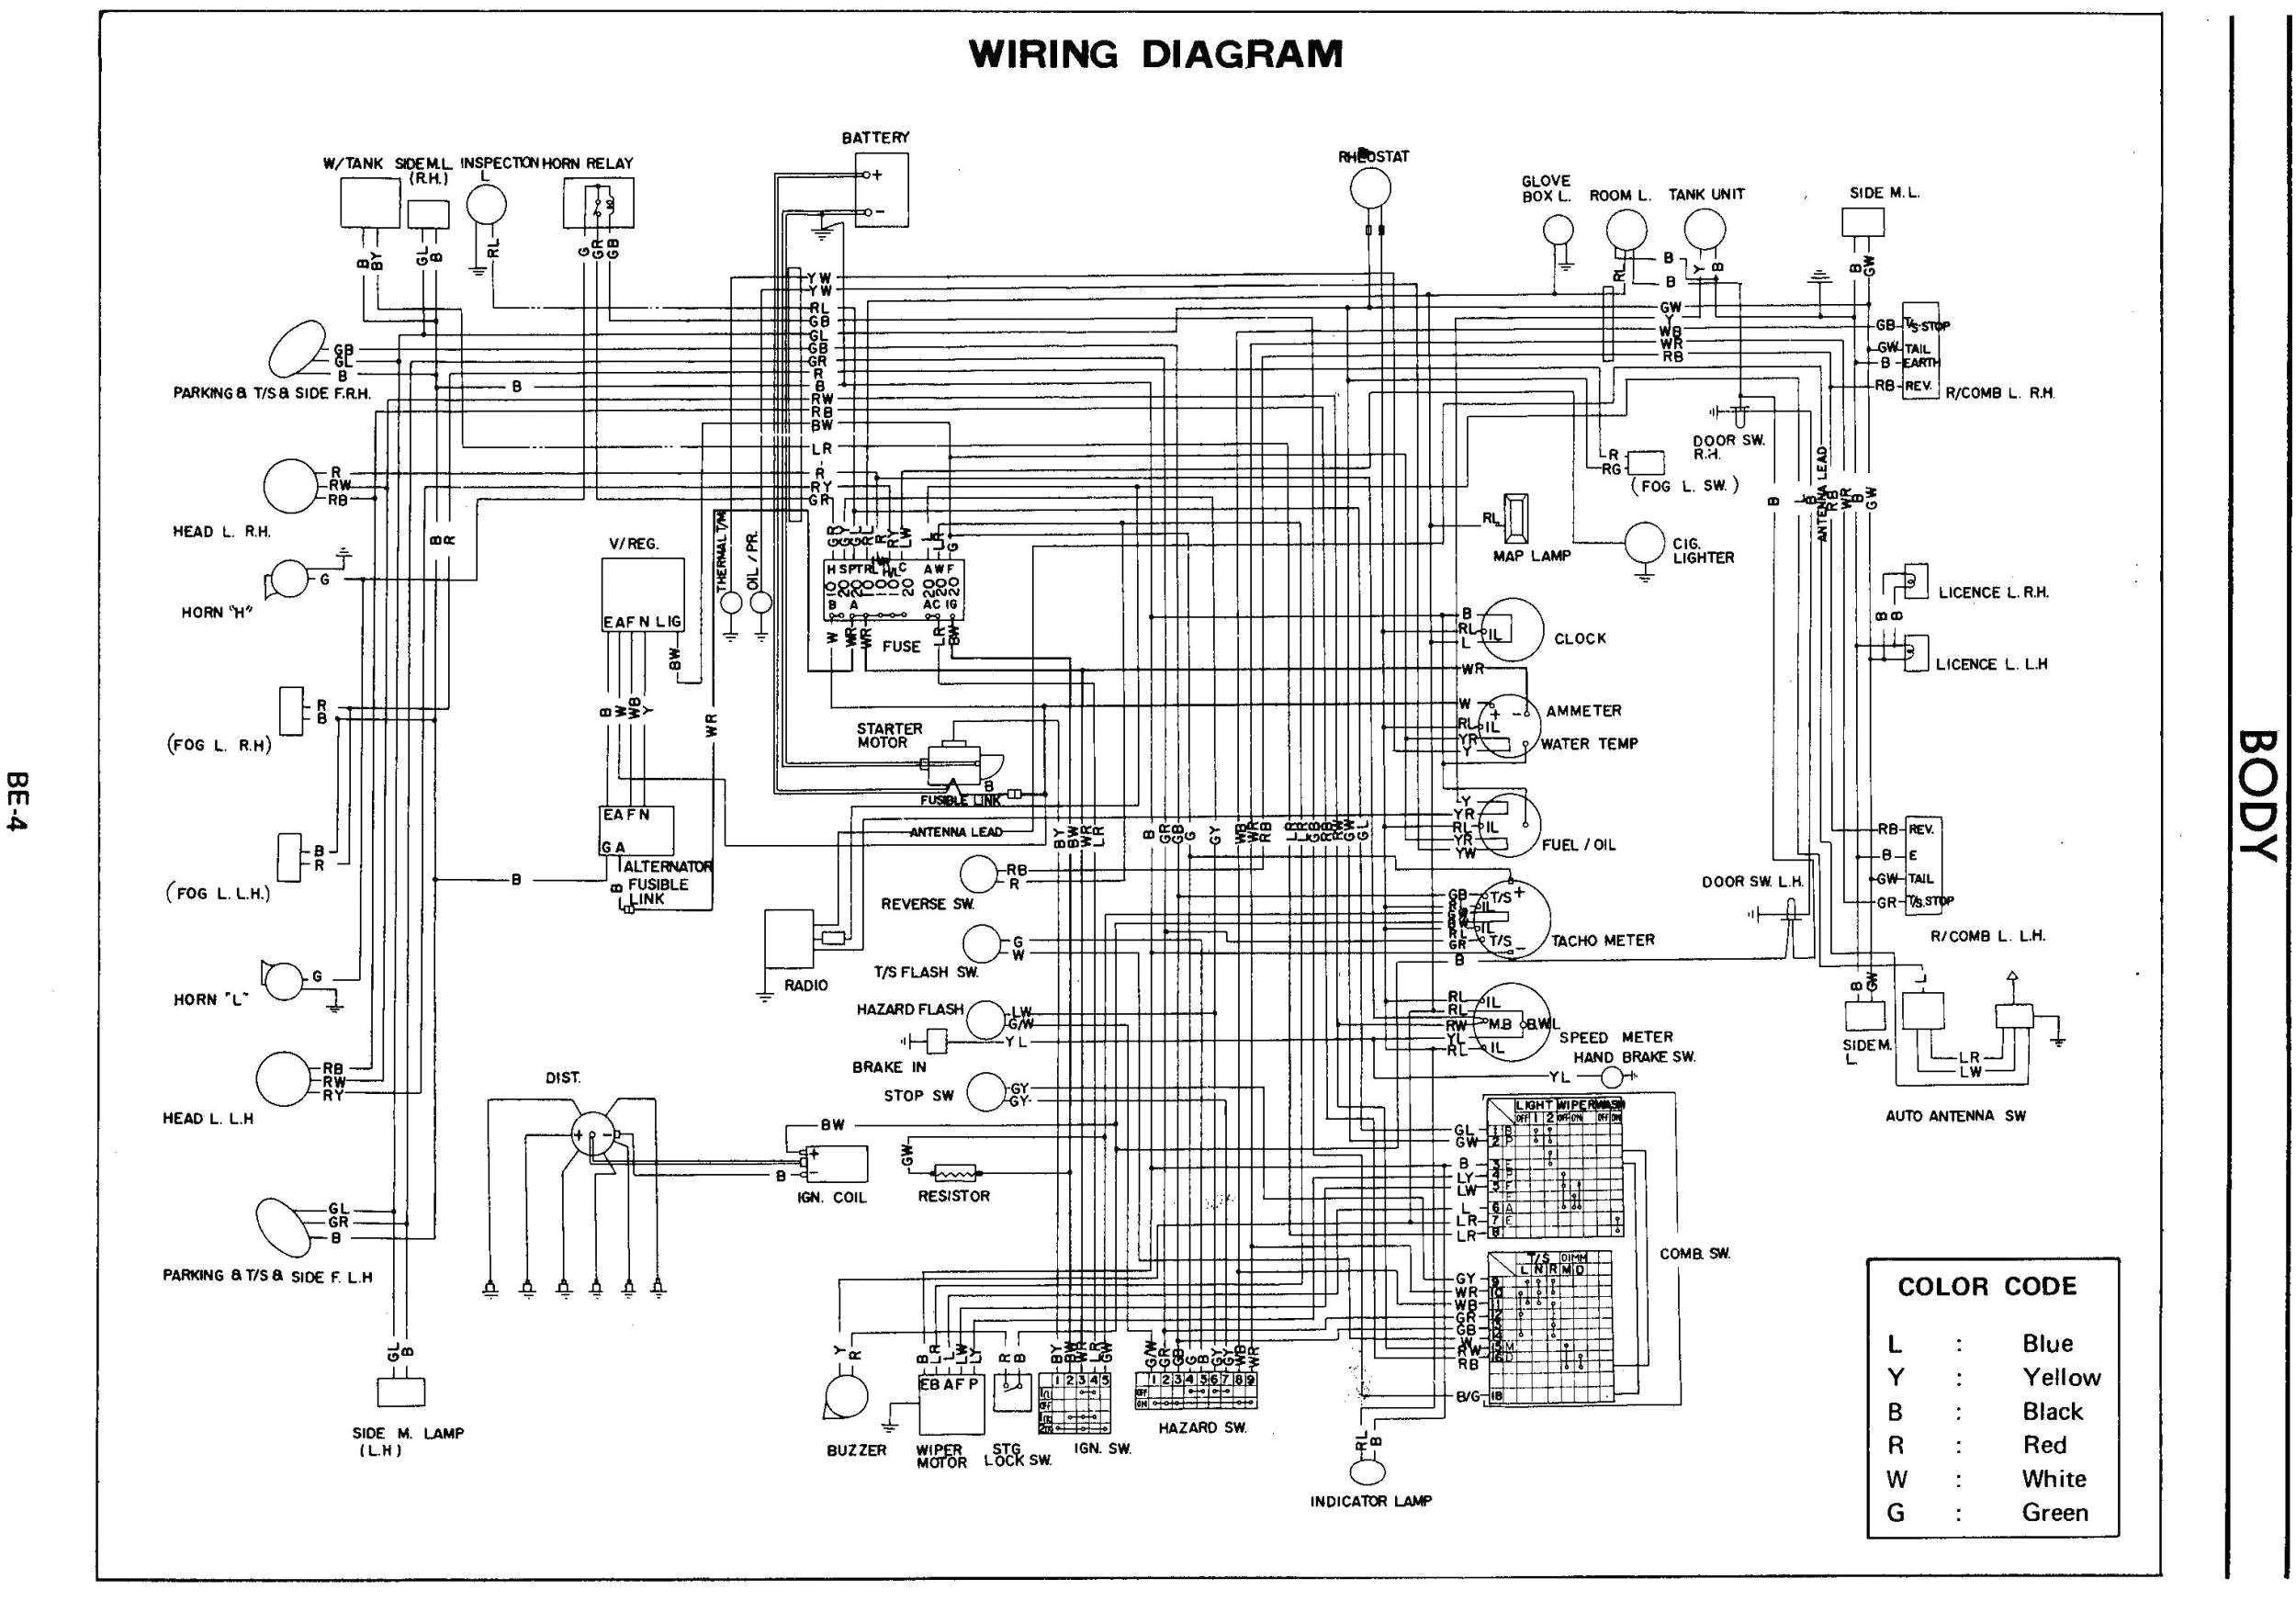 08 mercedes c300 headlight wiring diagram wiring diagram fascinating 2008 mercedes c300 light wiring diagrams wiring